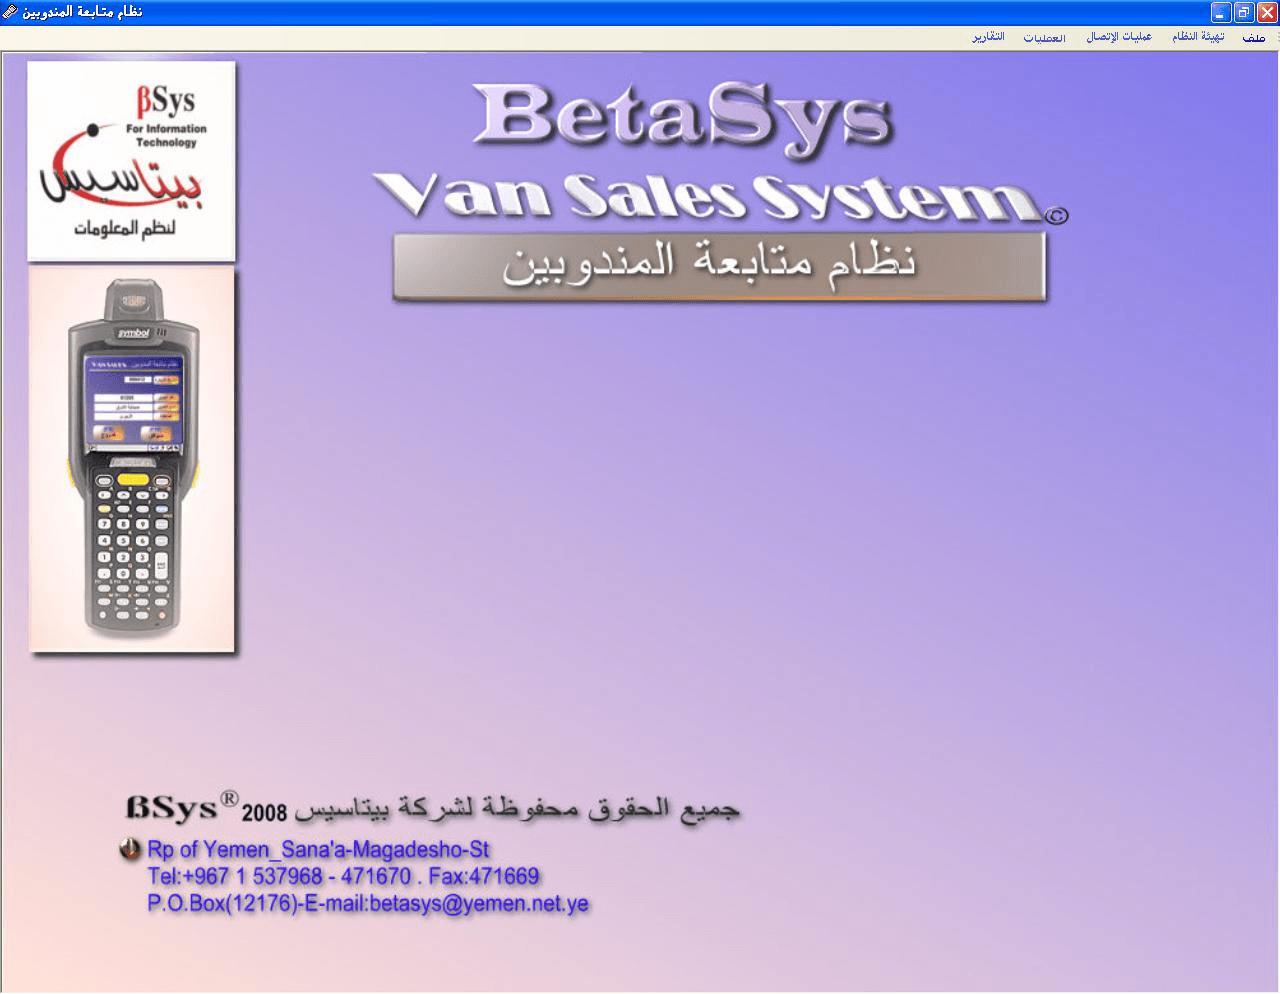 Van Sales System